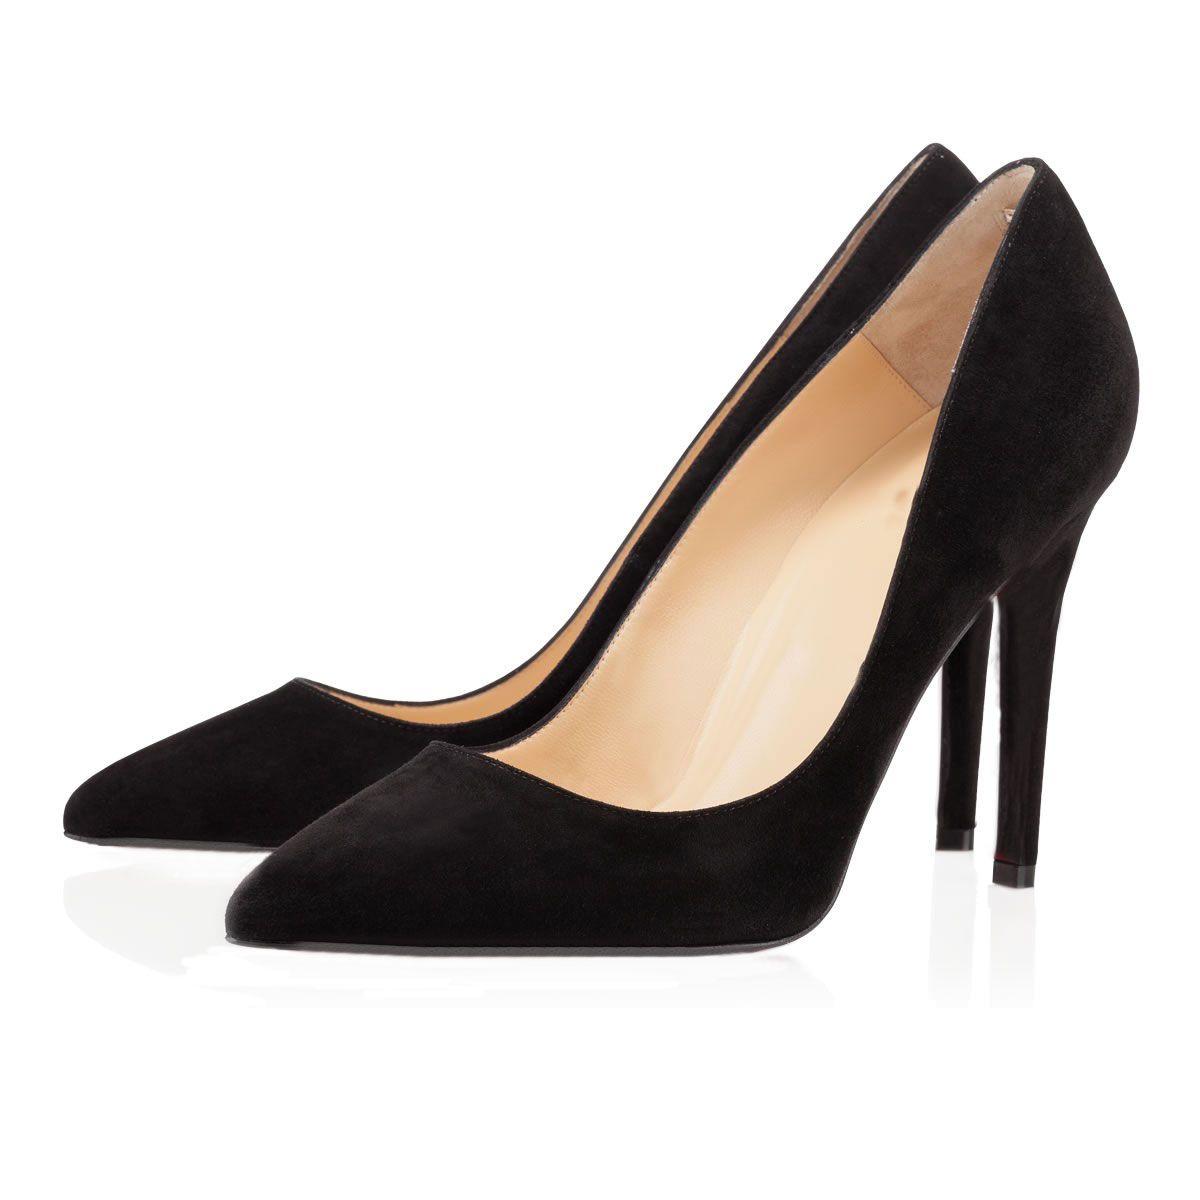 Con la caja de 2019 mujeres de la manera diseño de lujo zapatos de tacones altos de 8 cm 10 cm 12 cm desnuda de piel roja puntas de los pies negros Bombas bottoms Zapatos de vestir